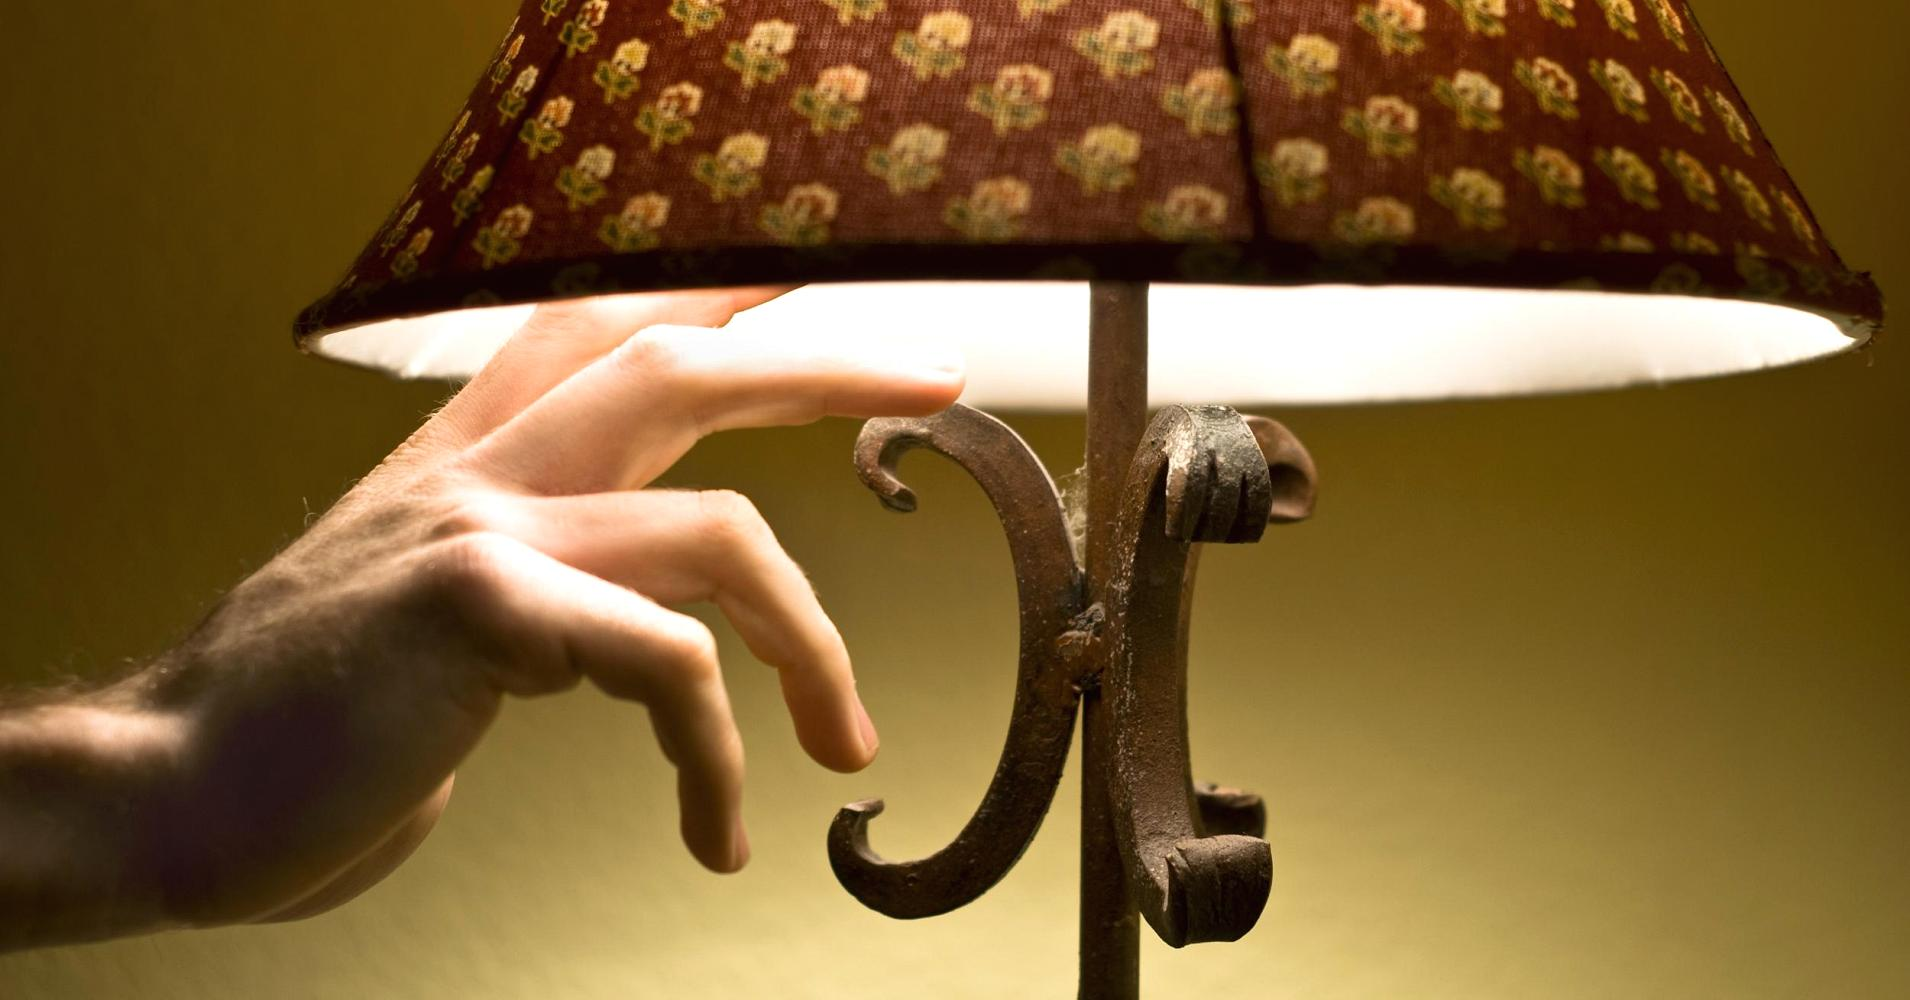 Mengapa Perlu Matikan Lampu Saat Tidur?